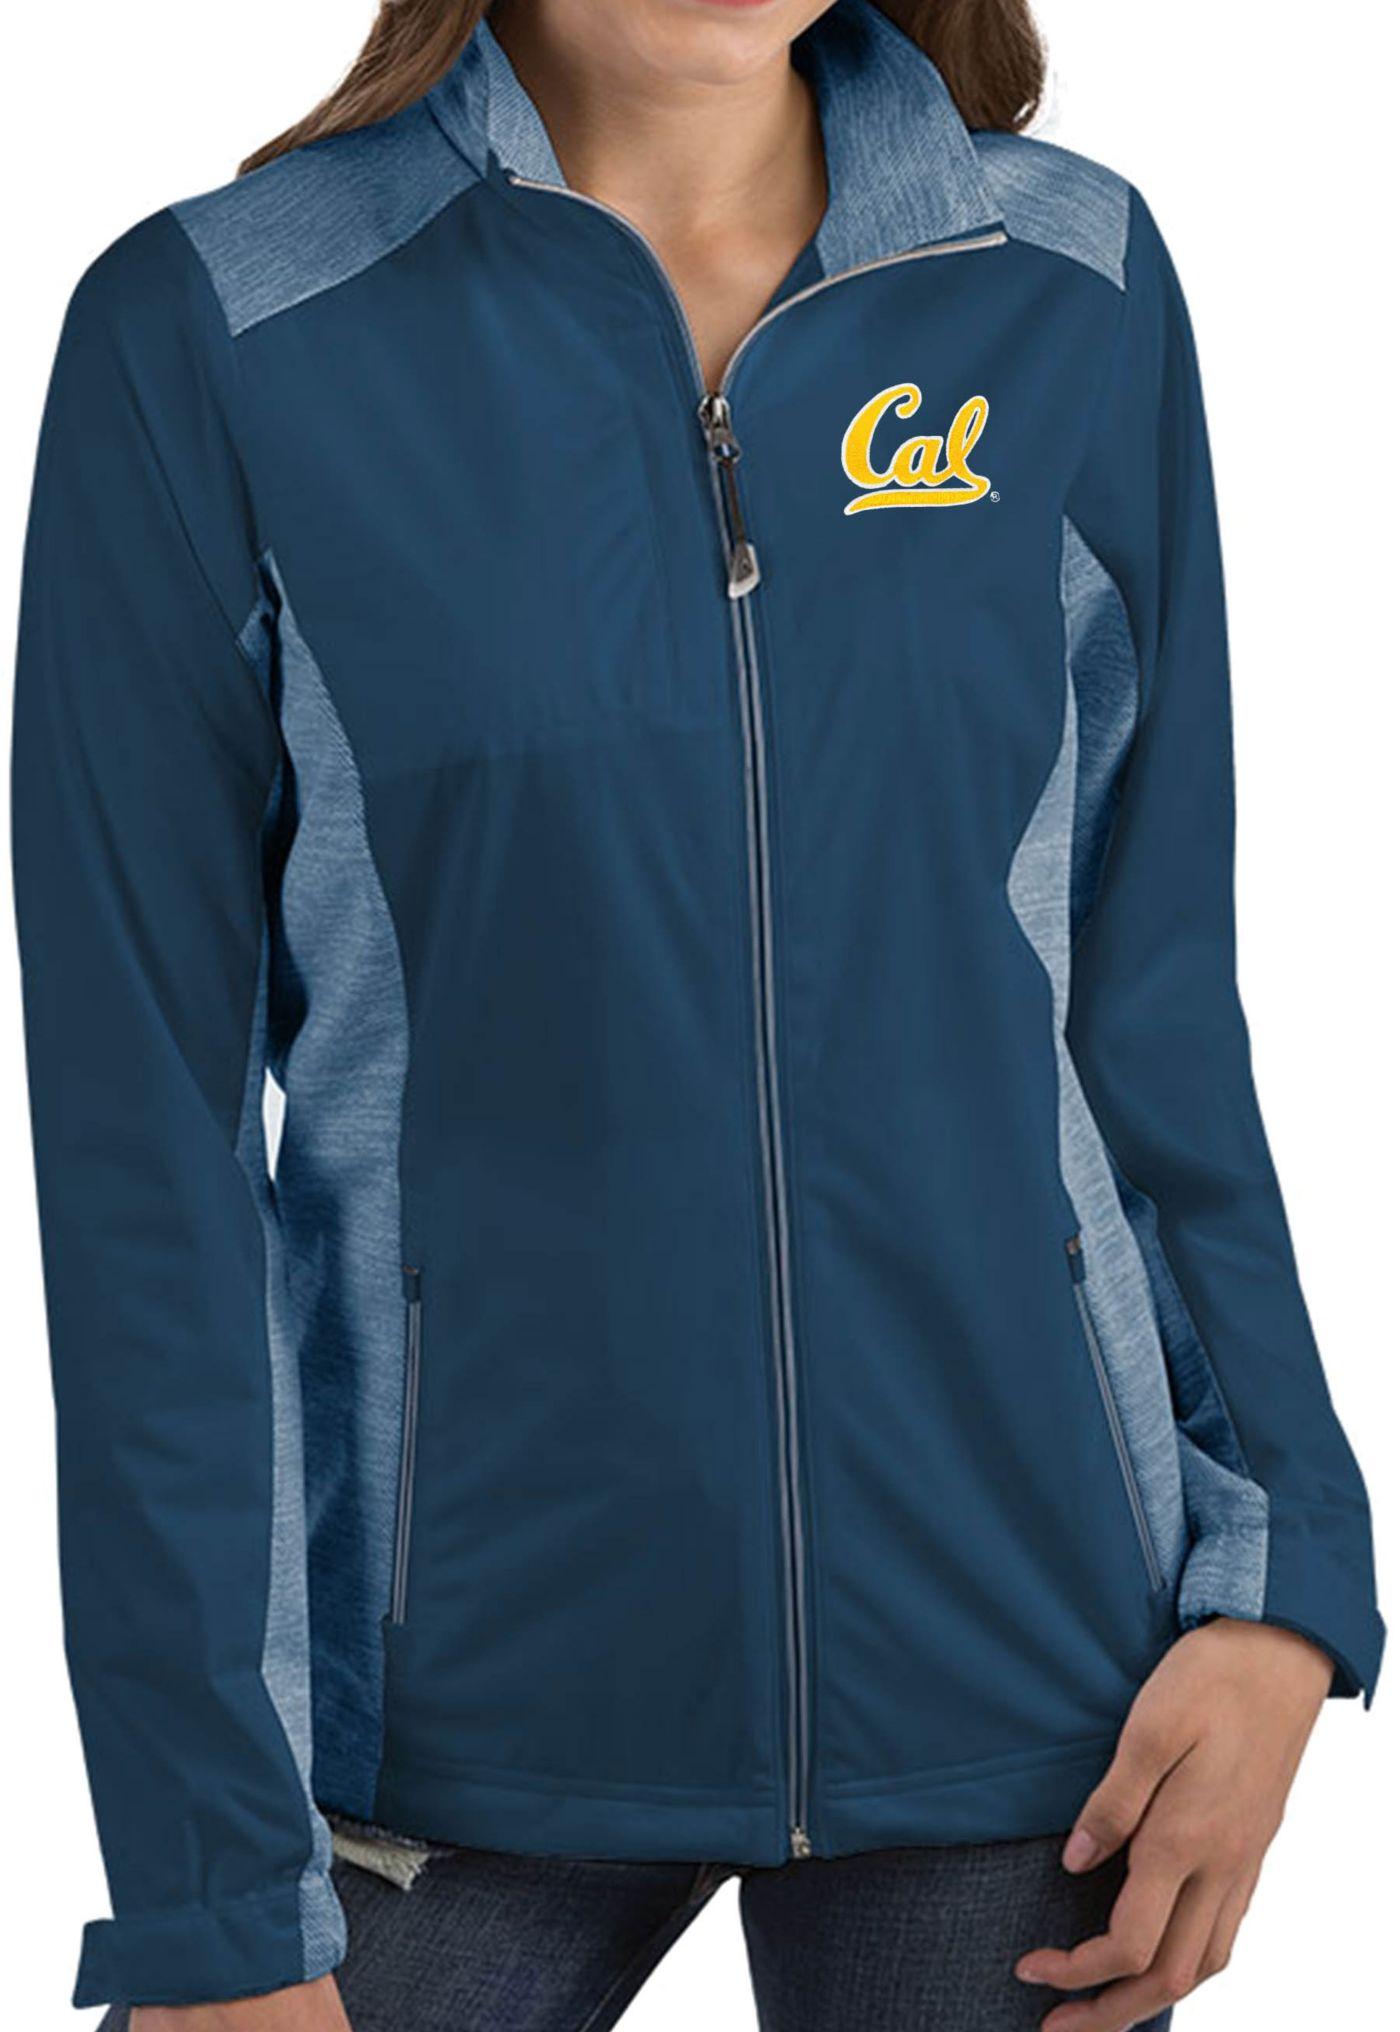 Antigua Women's Cal Golden Bears Blue Revolve Full-Zip Jacket